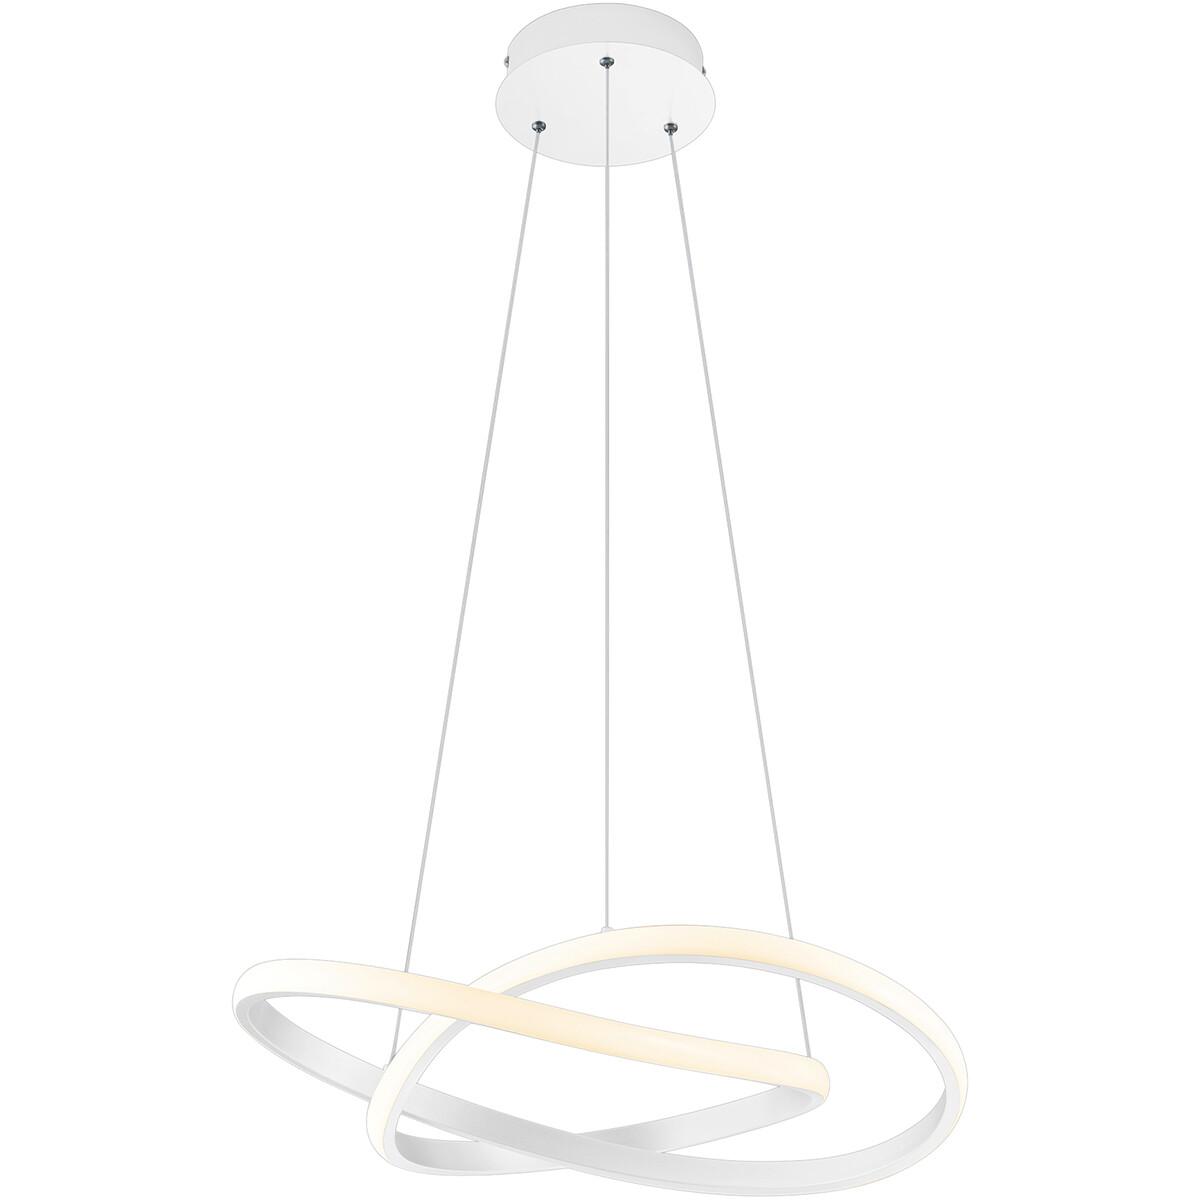 LED Hanglamp - Trion Corcy - 27W - Natuurlijk Wit 4000K - Dimbaar - Rond - Mat Wit - Aluminium